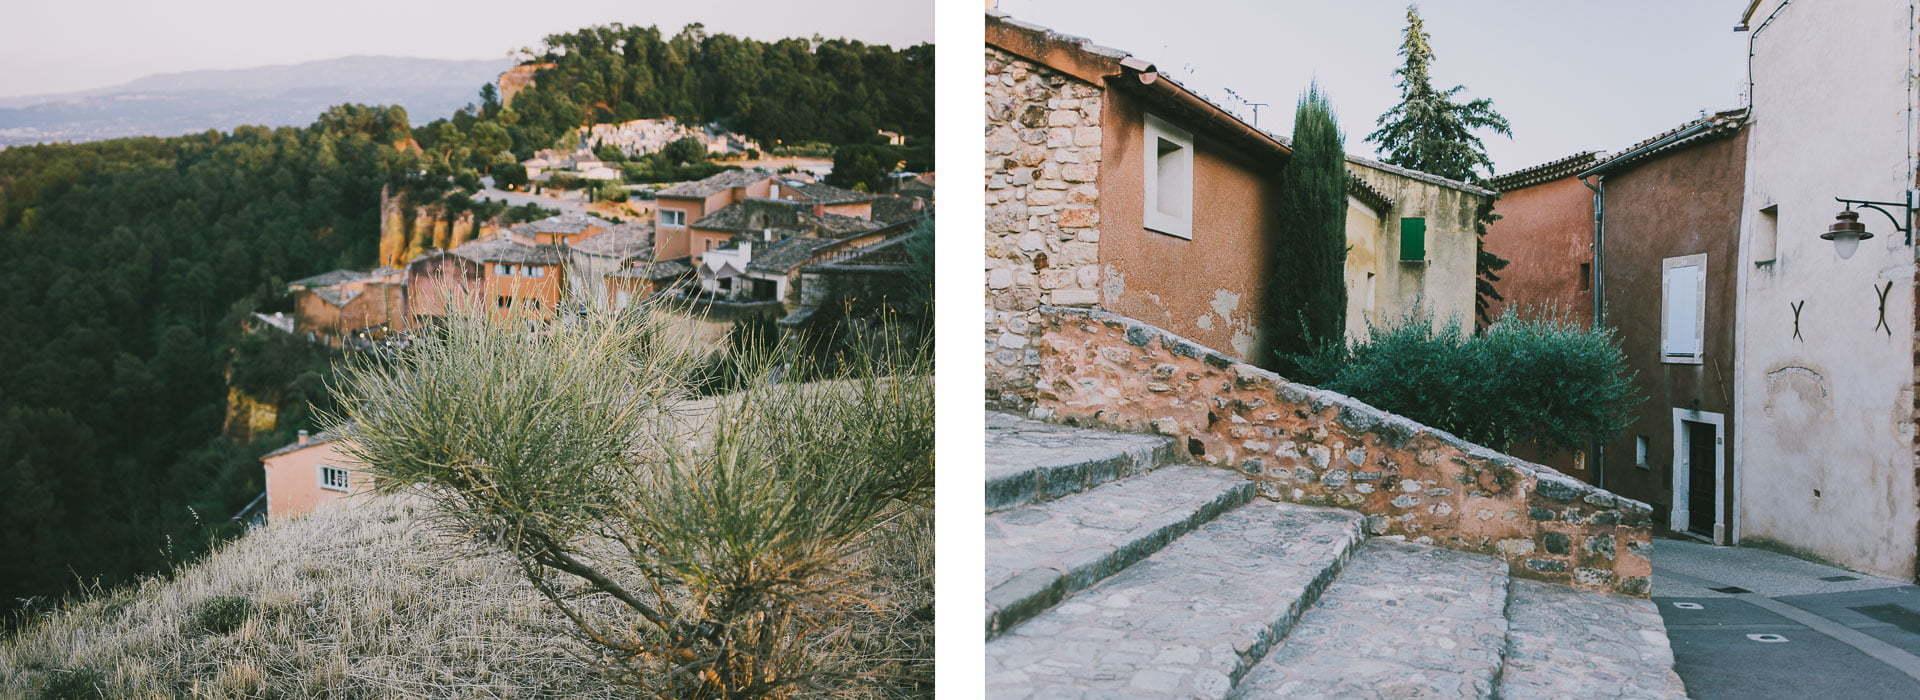 Najpiękniejsze miasteczka Prowansji Roussillon